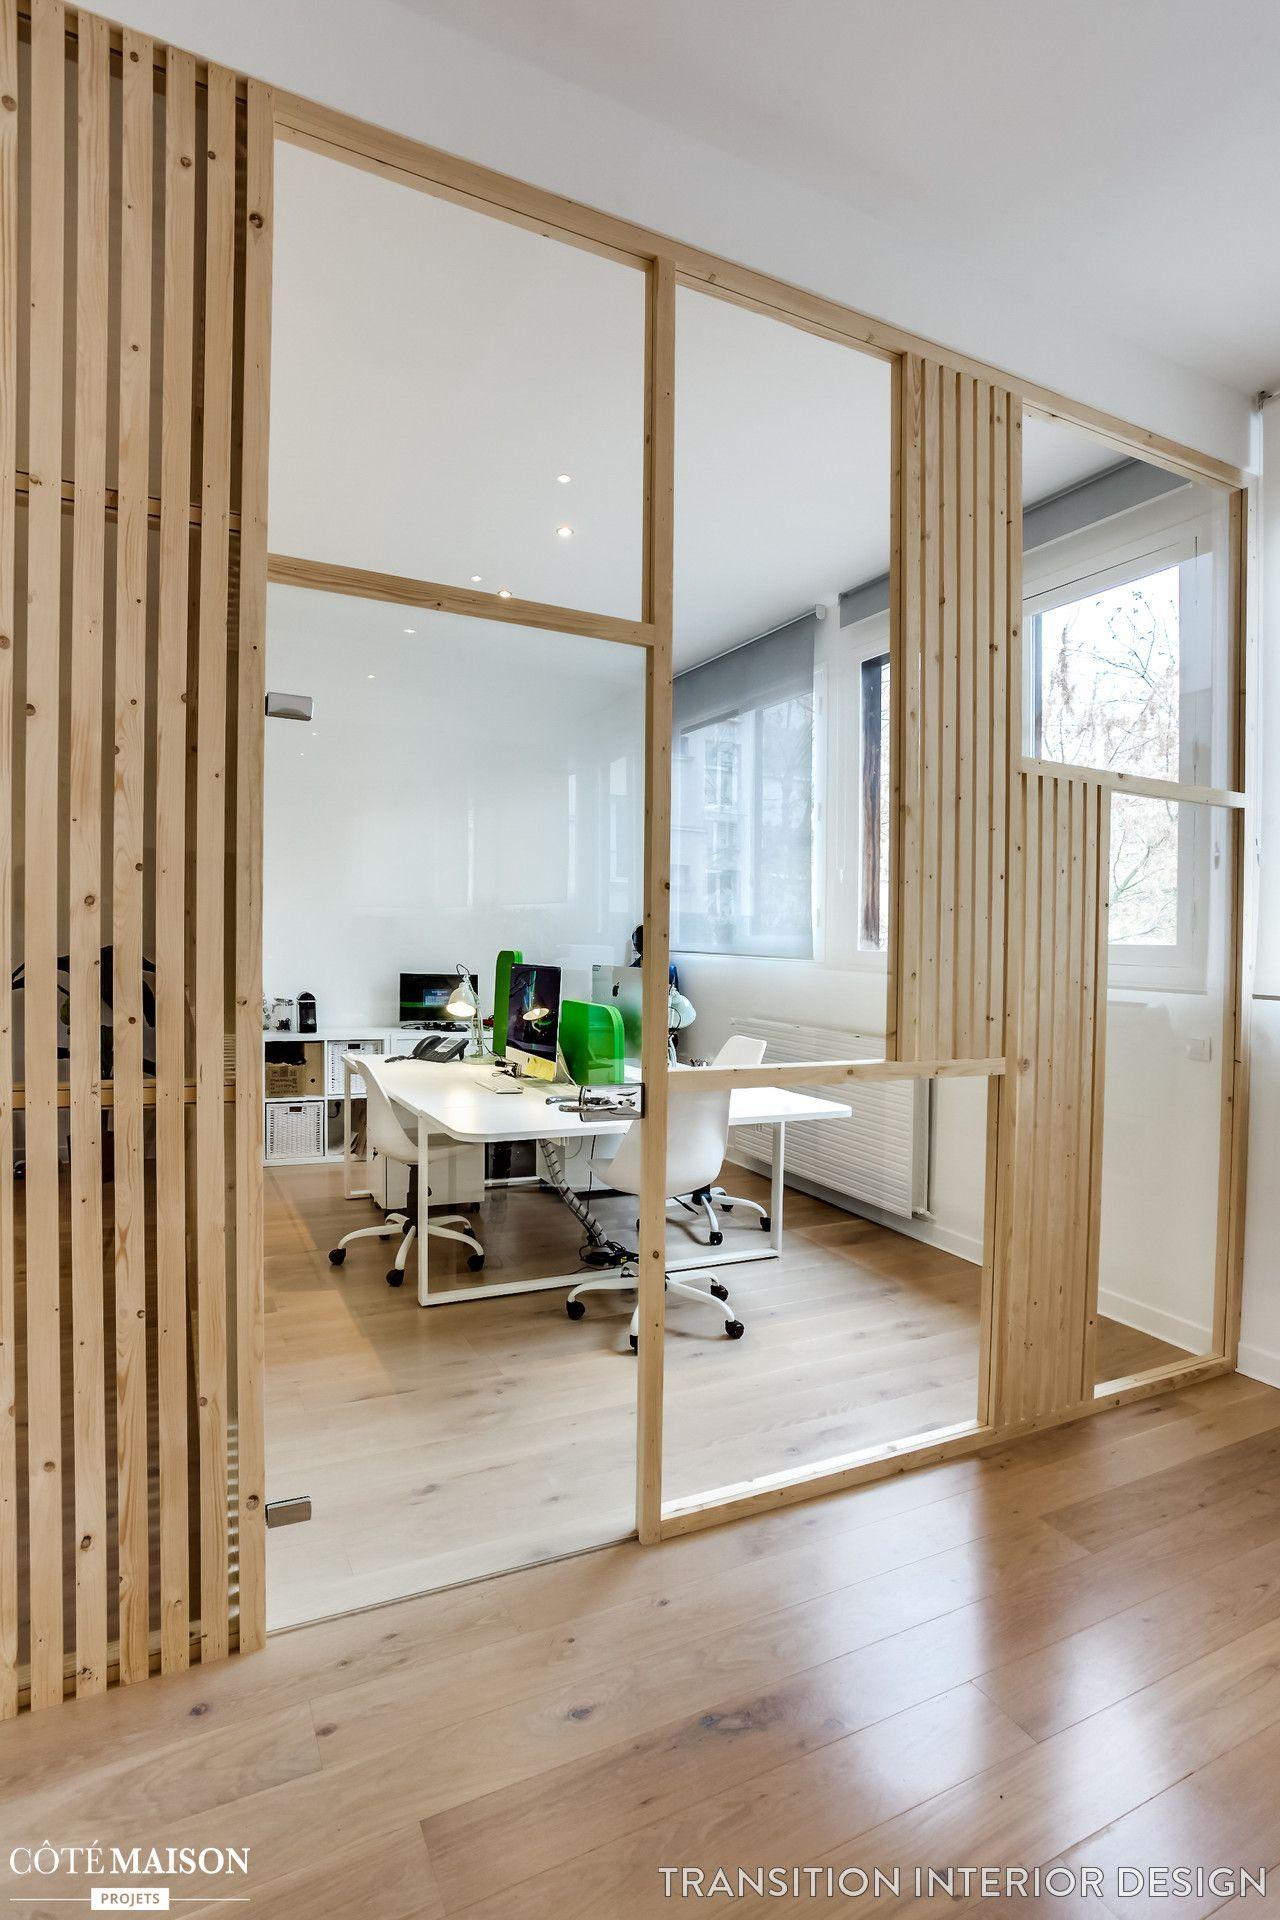 un verrière en bois en guise de séparation pour ce bureau et l'autre